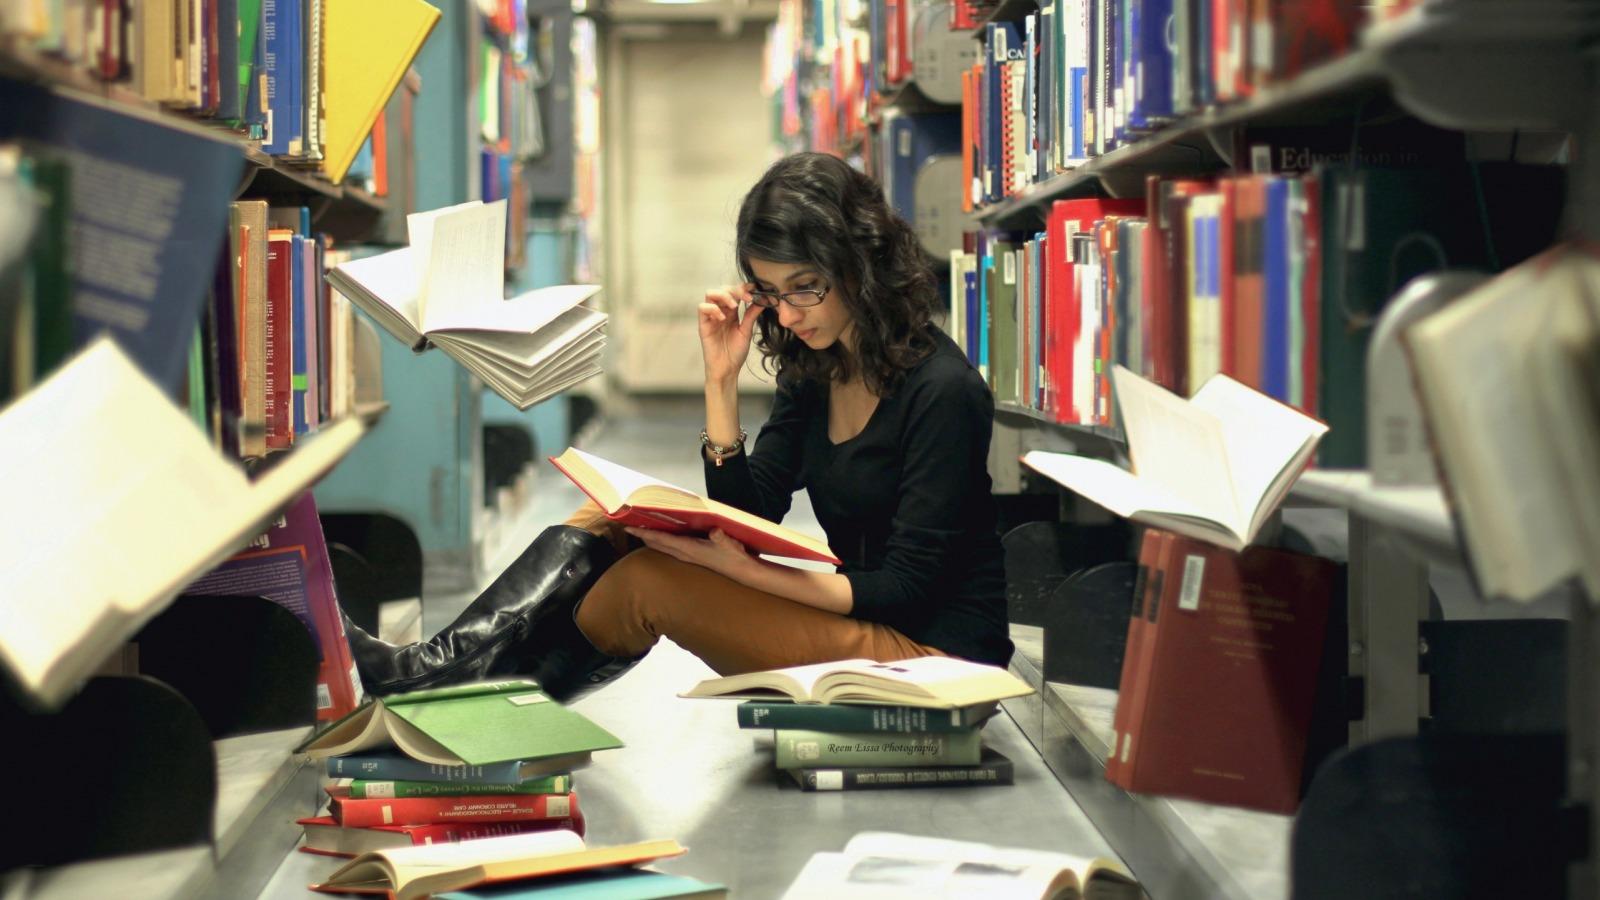 картинка на аву о библиотеке